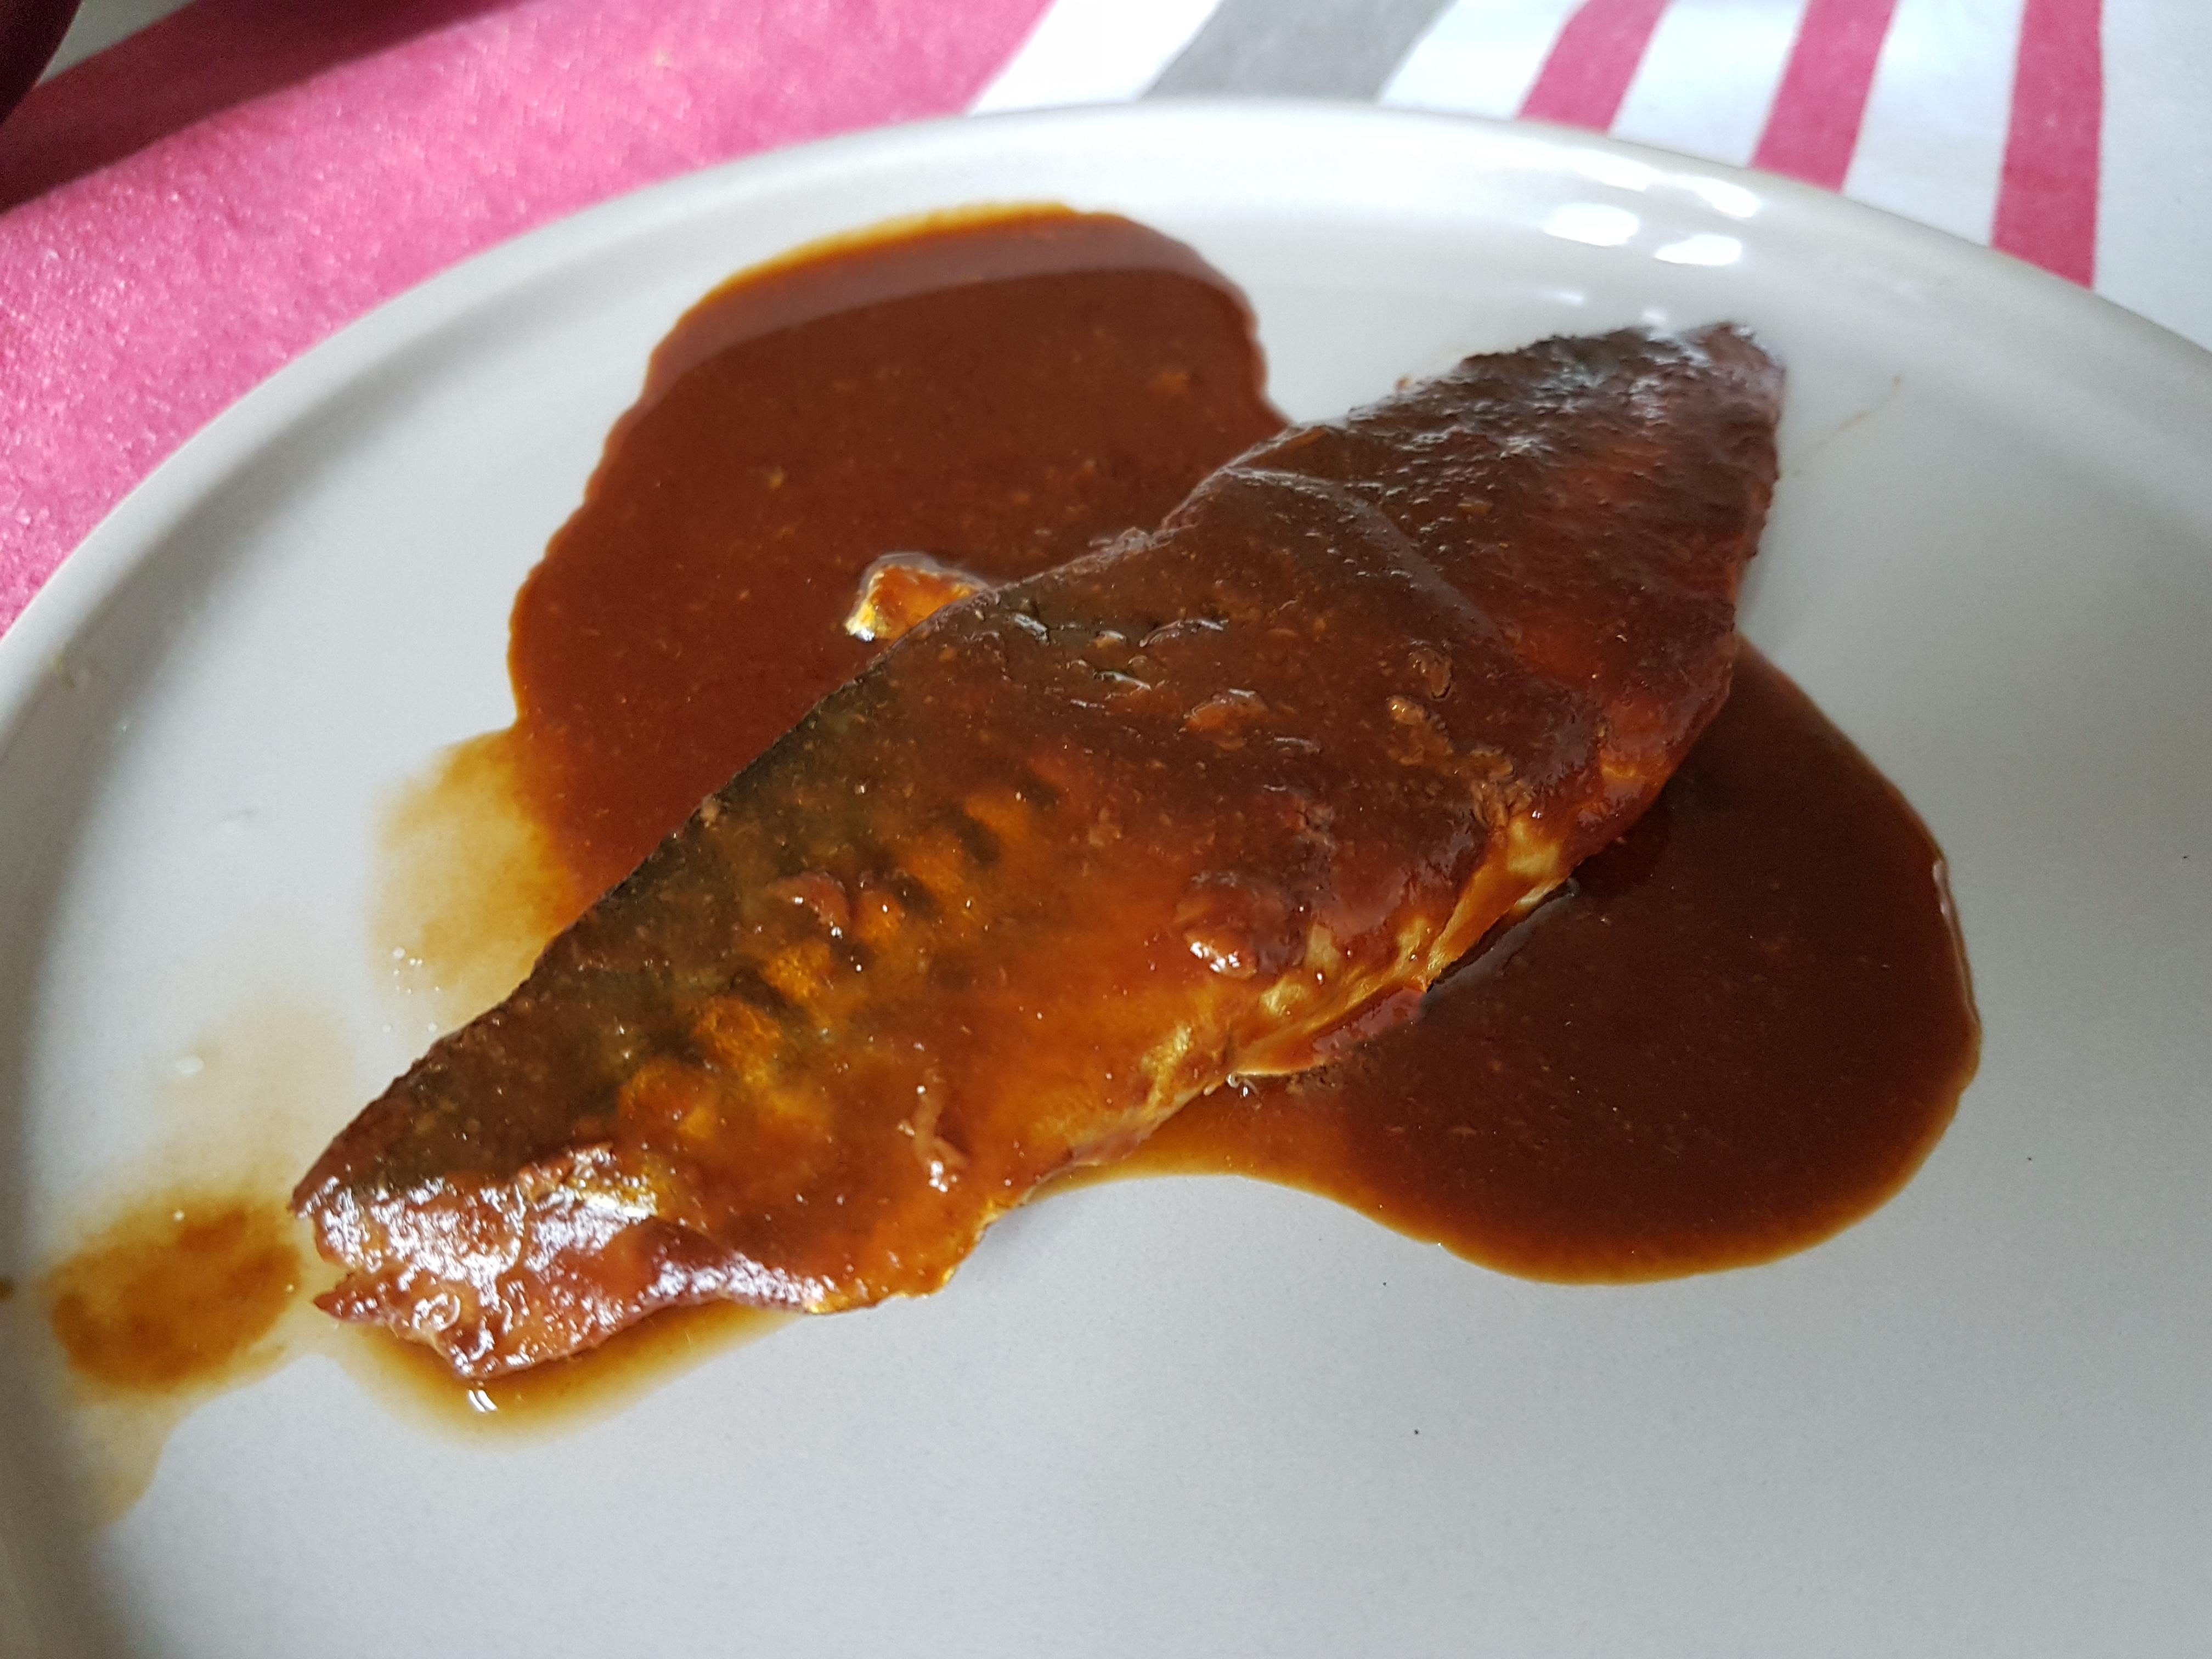 鯖の味噌煮 Saba no misoni, Maquereau mijoté au miso 味噌煮鯖魚